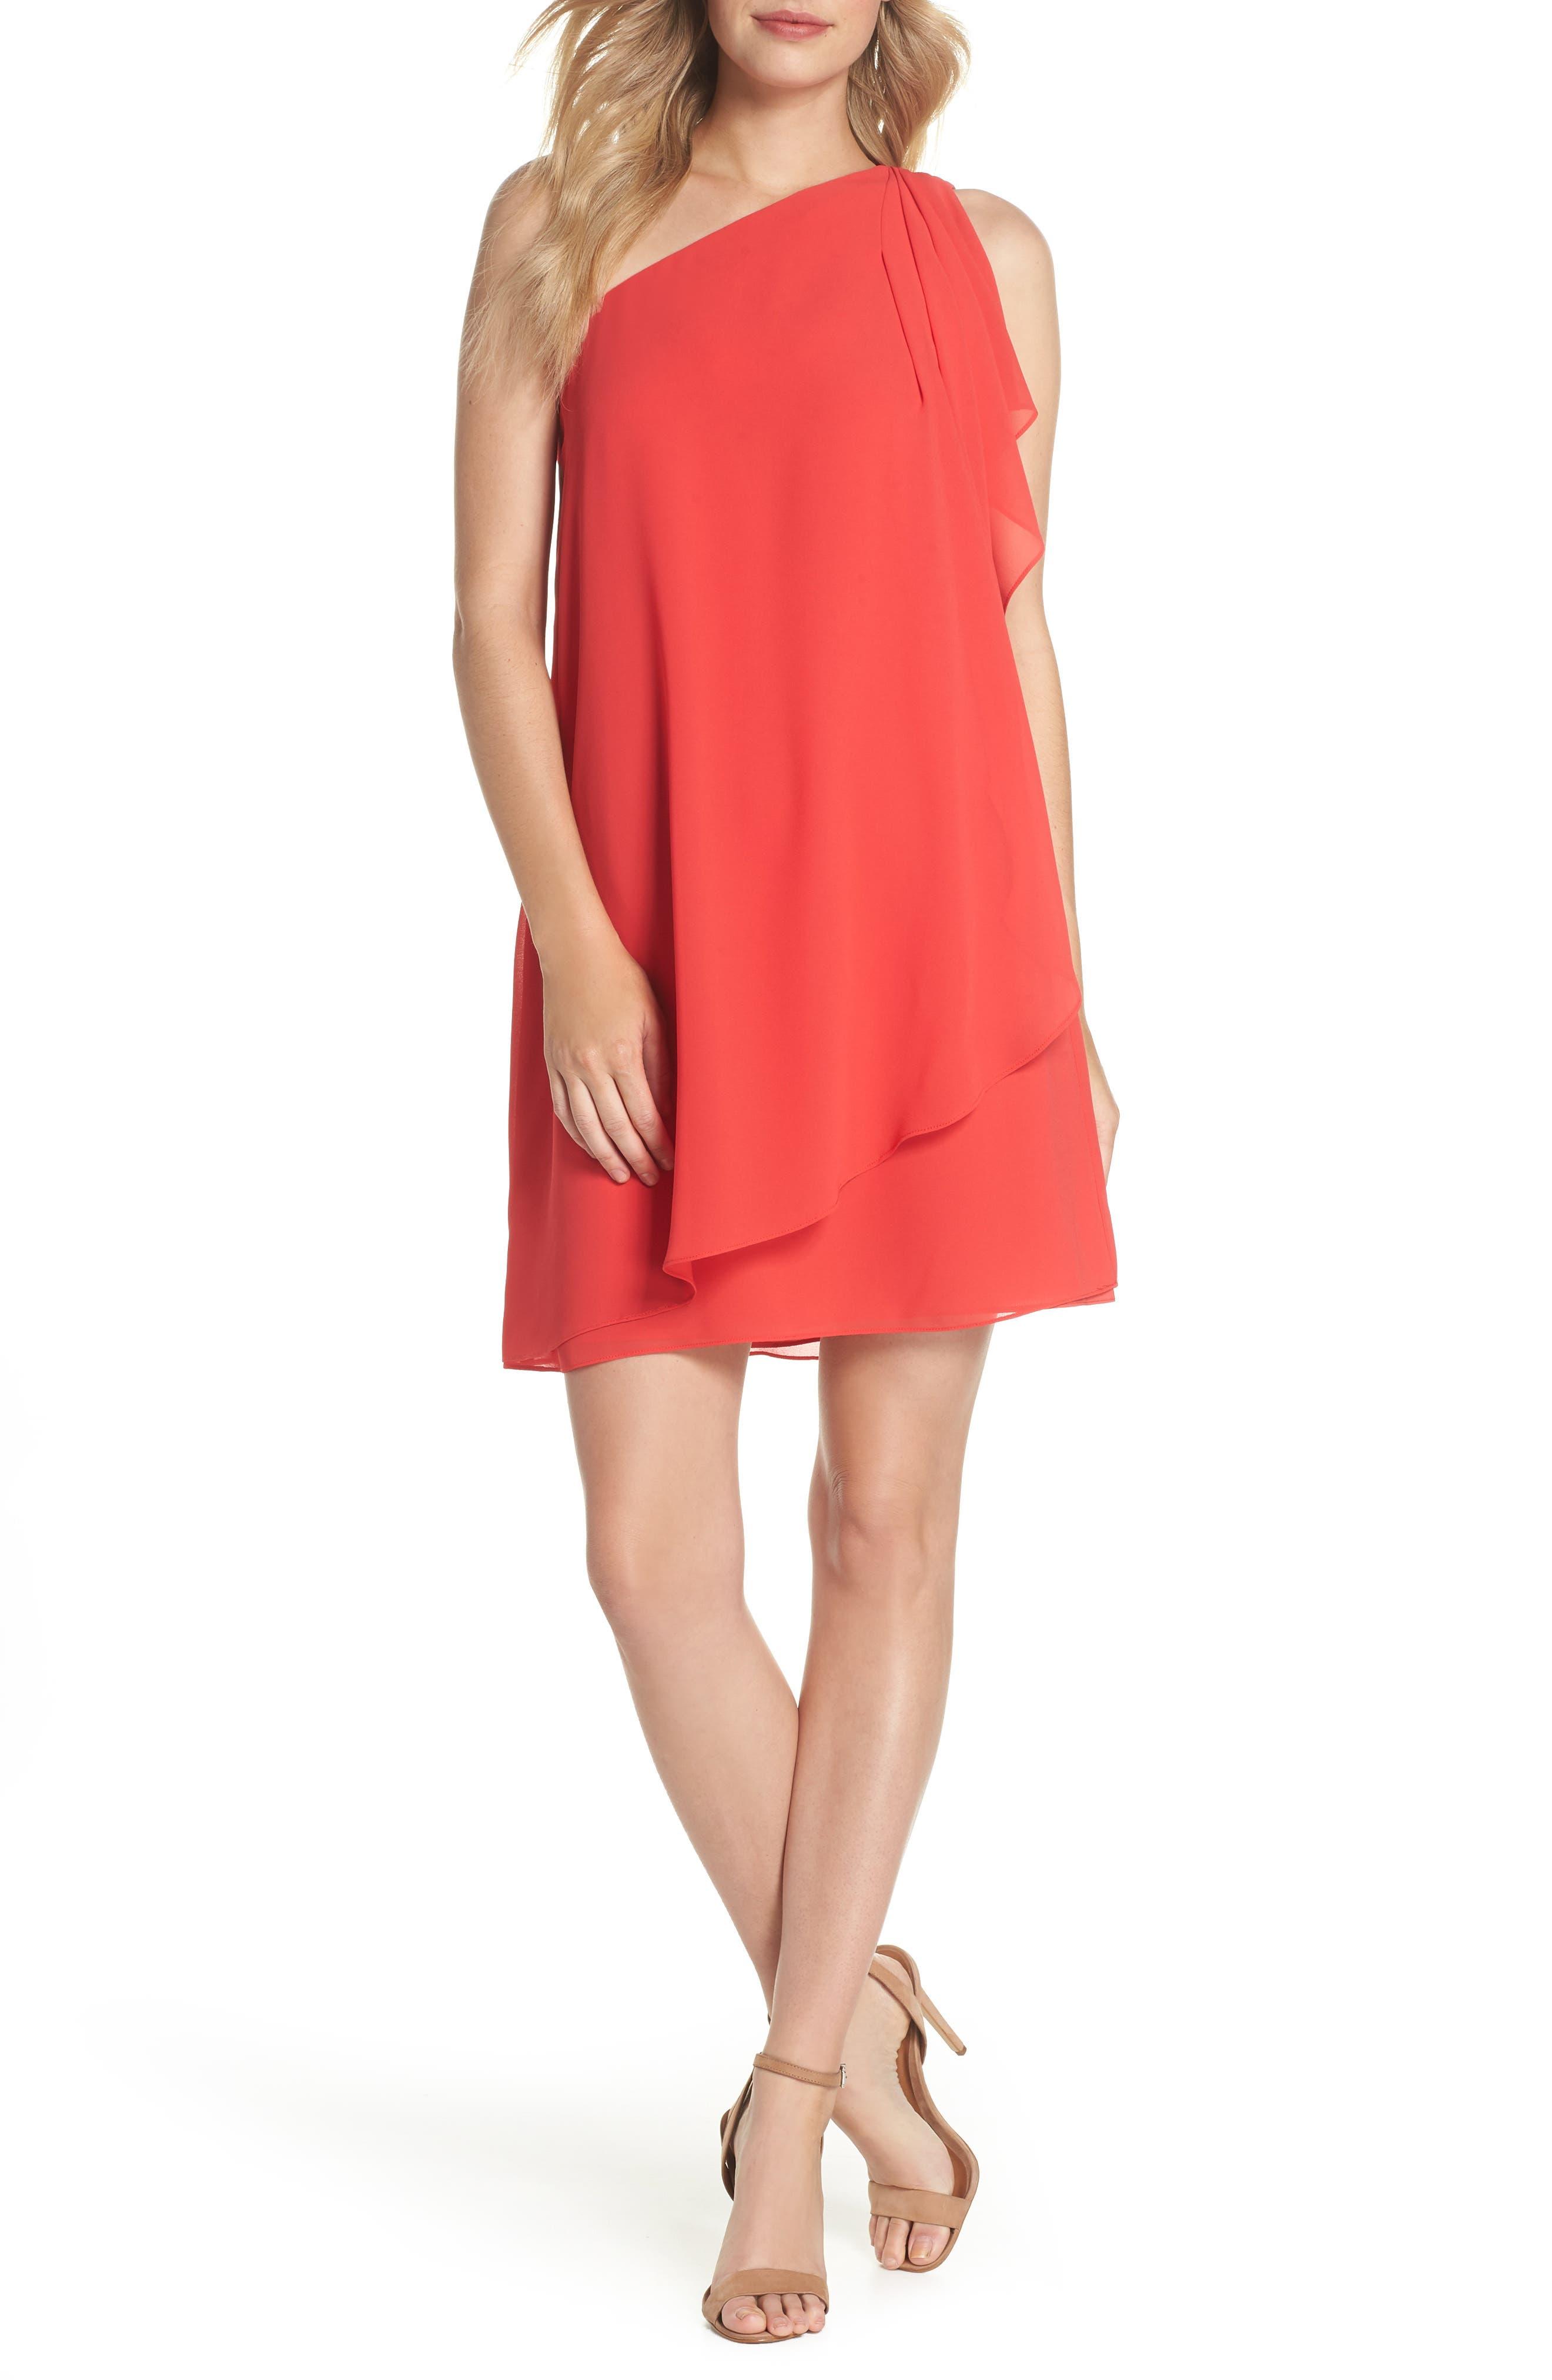 Soufflé One-Shoulder Chiffon Shift Dress,                         Main,                         color, 652